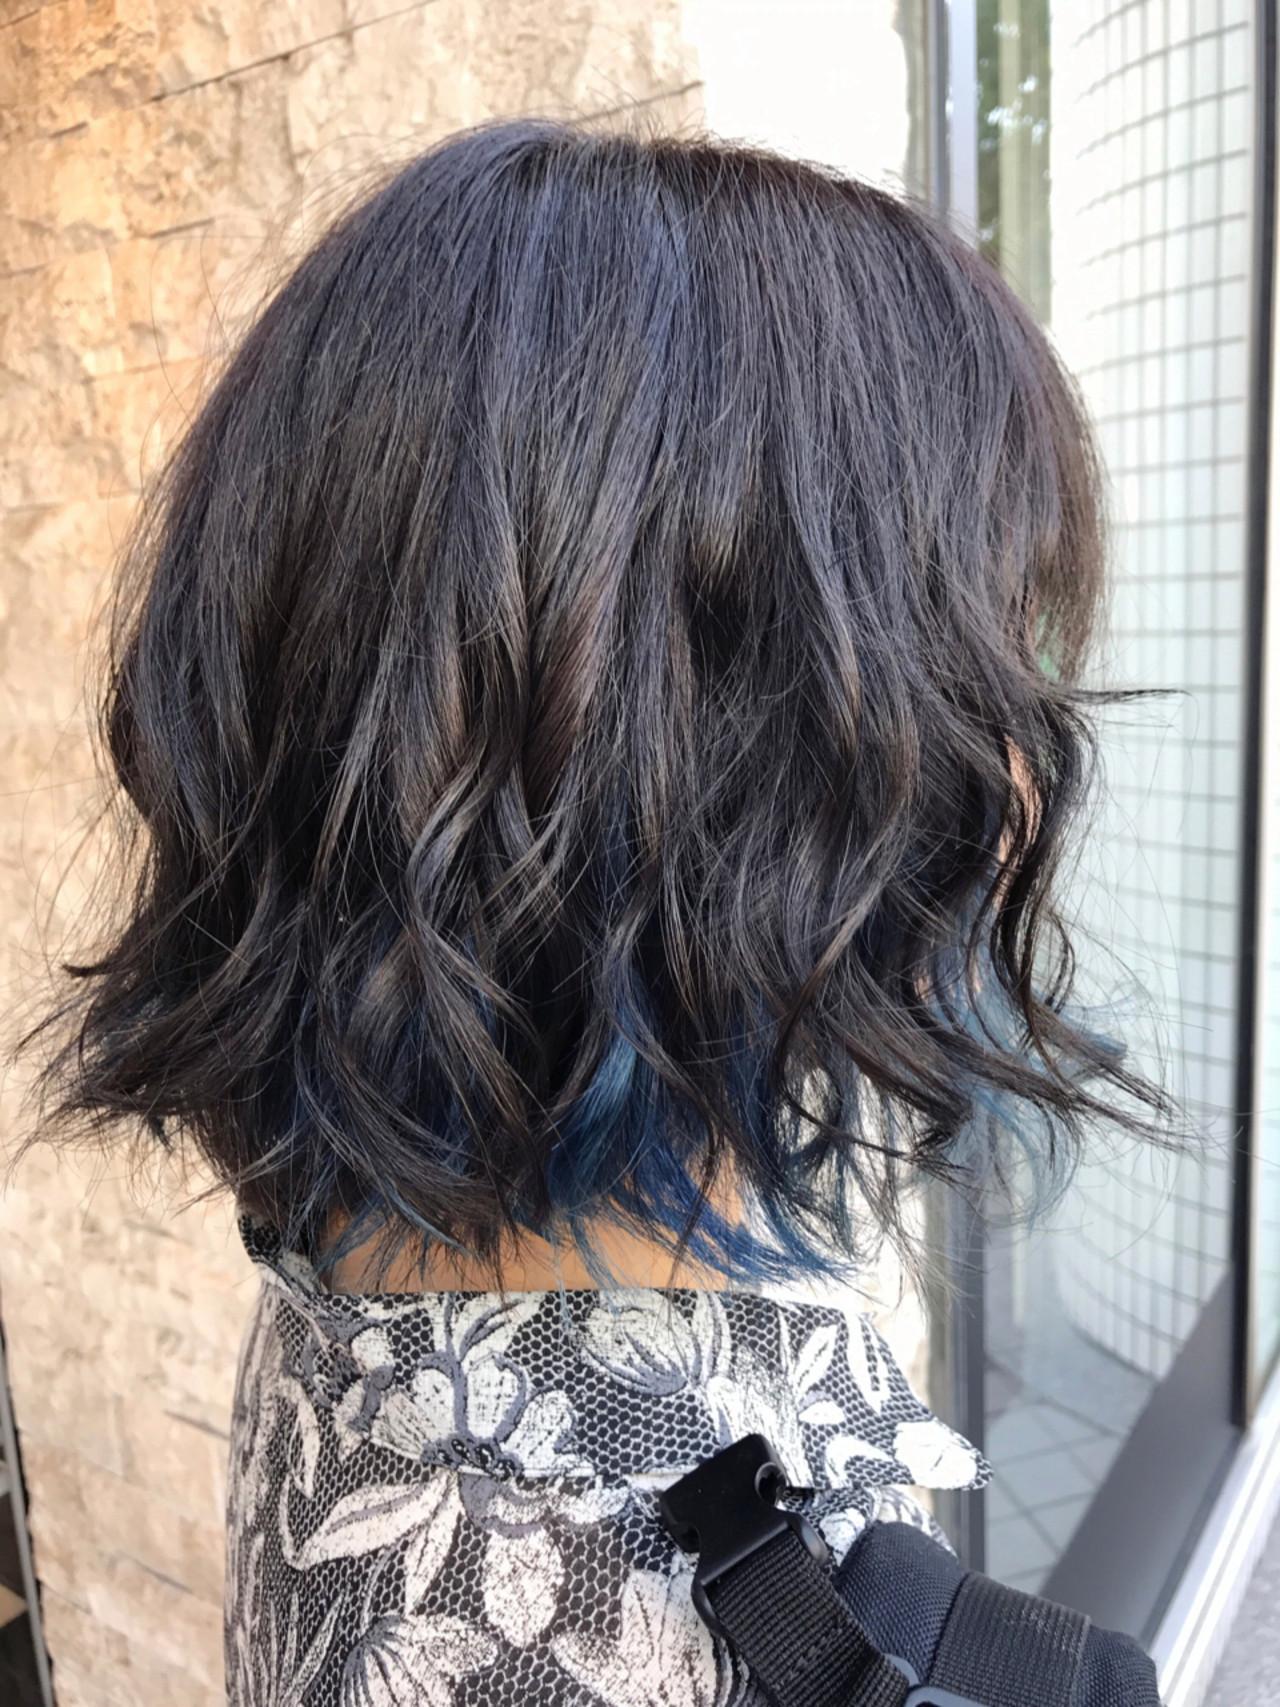 ウェーブ ガーリー ボブ アンニュイ ヘアスタイルや髪型の写真・画像